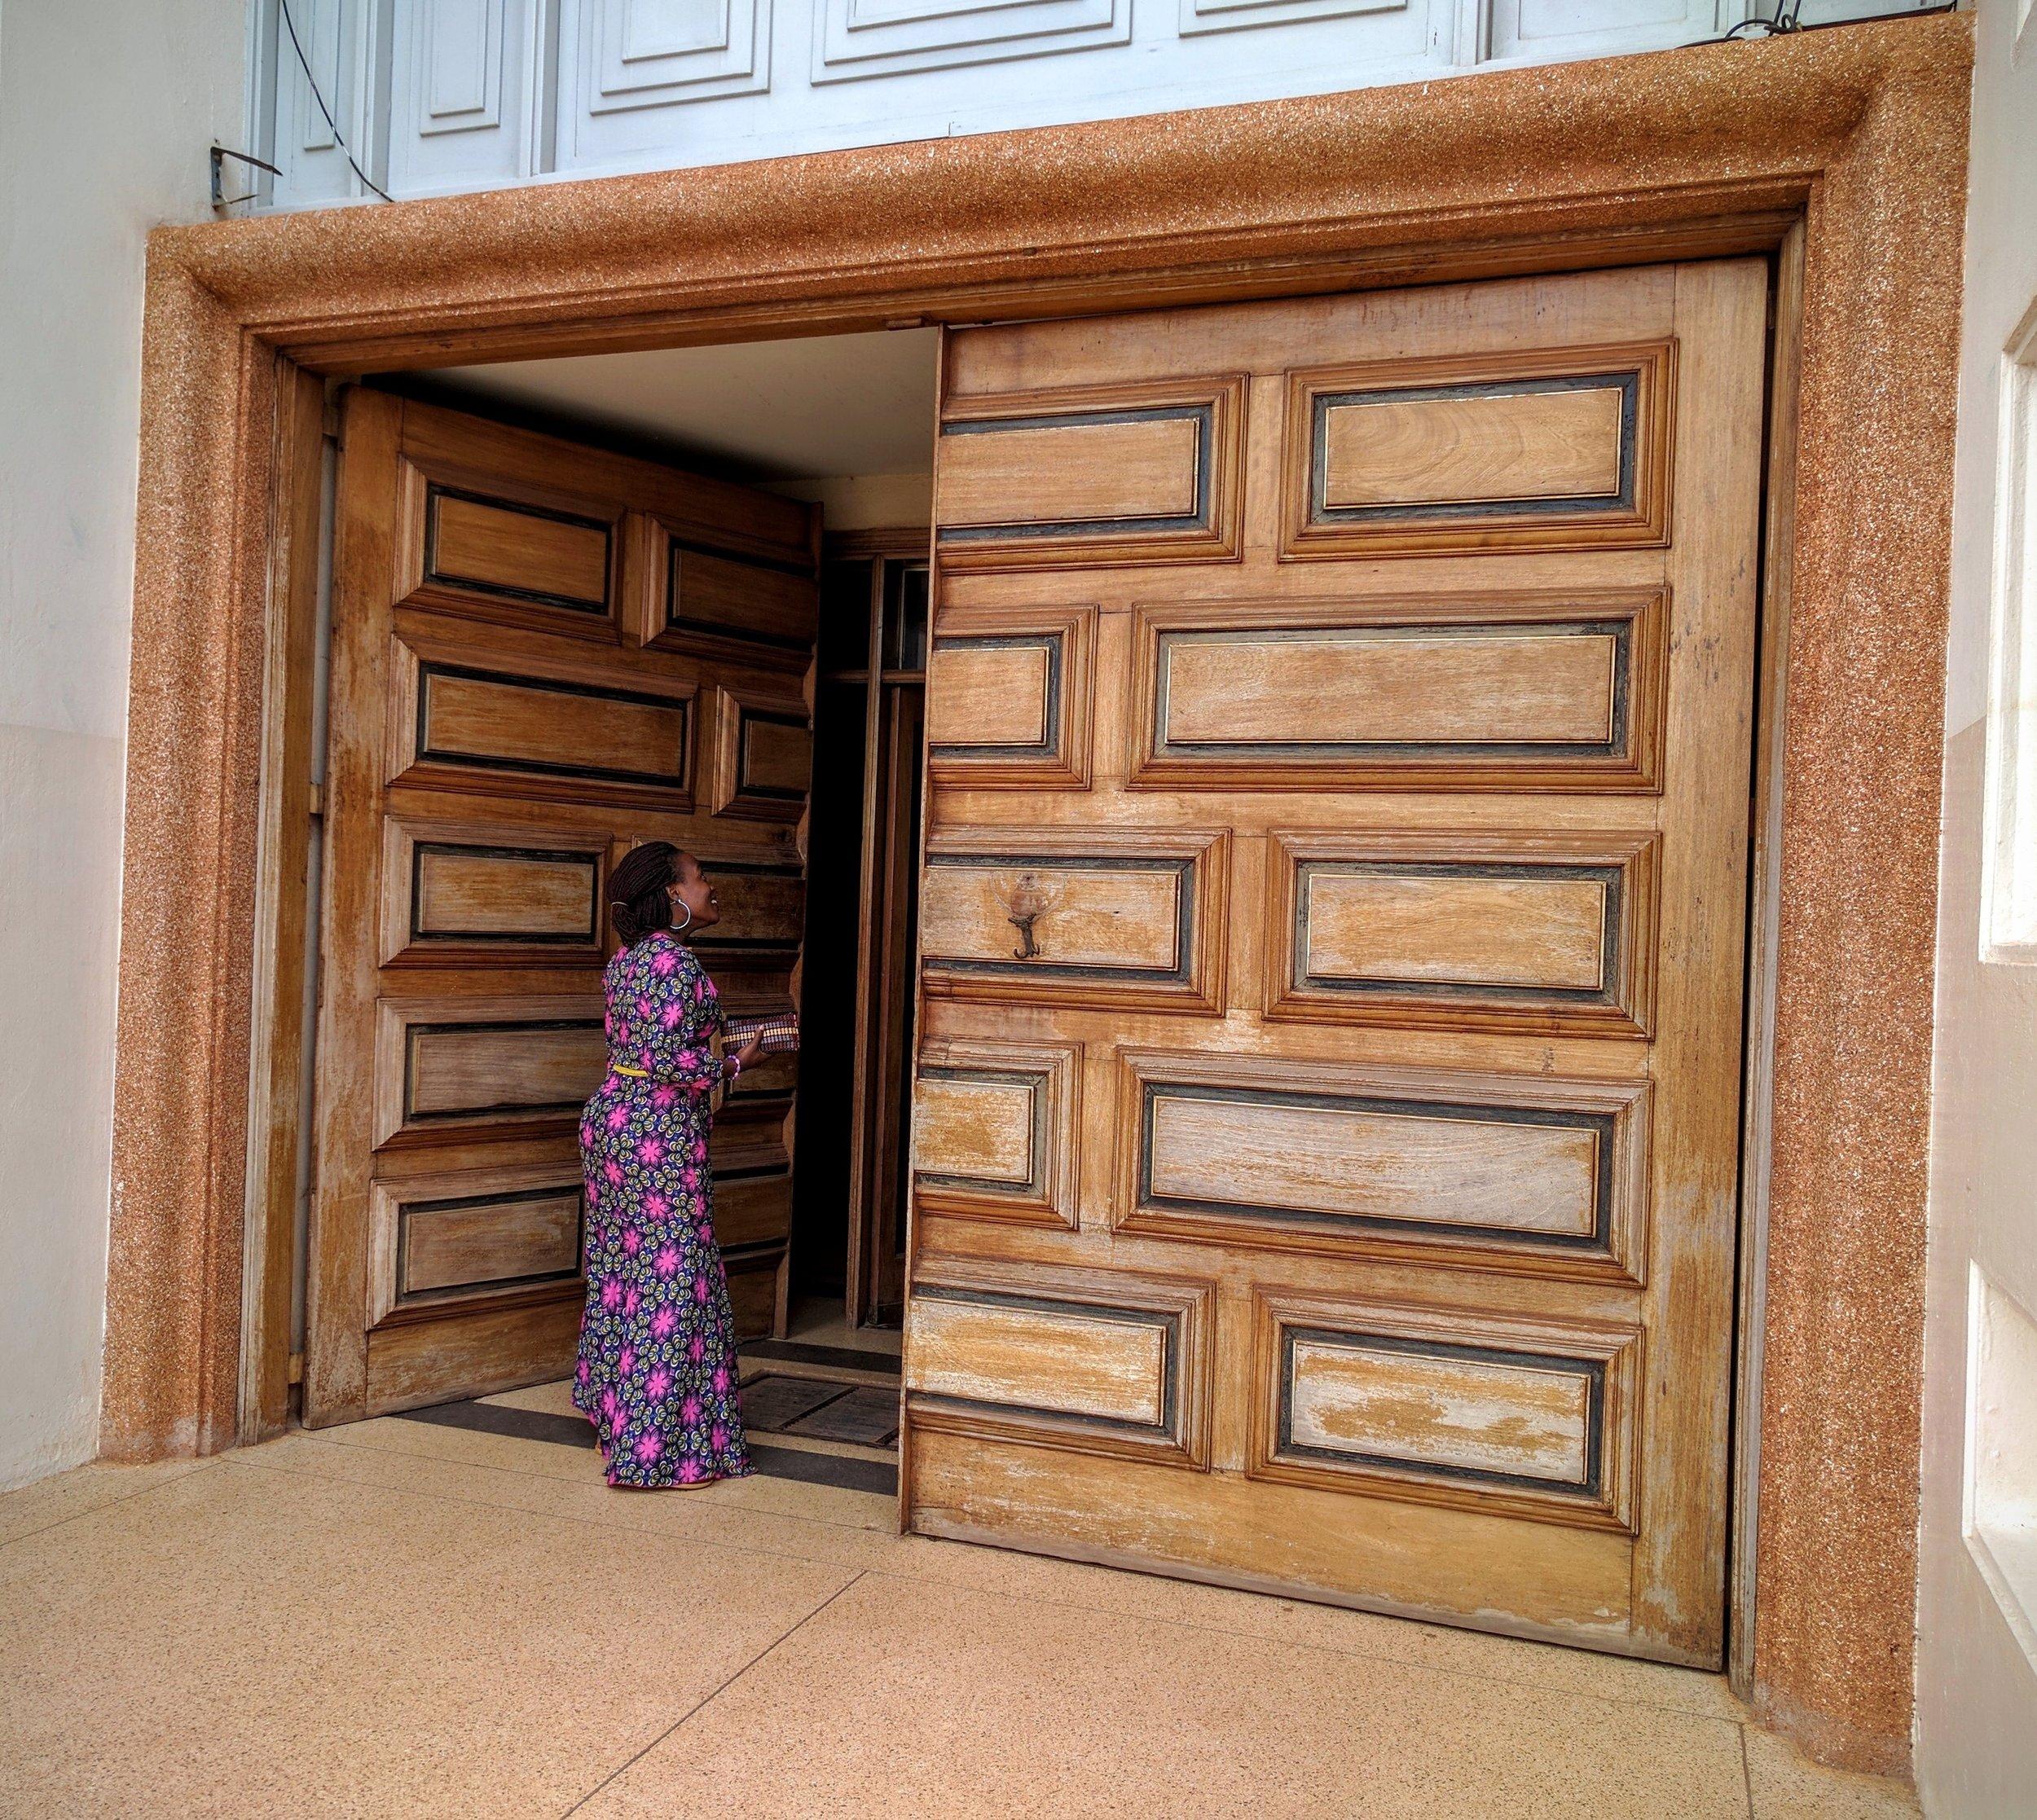 Amazing door with Margaret entering